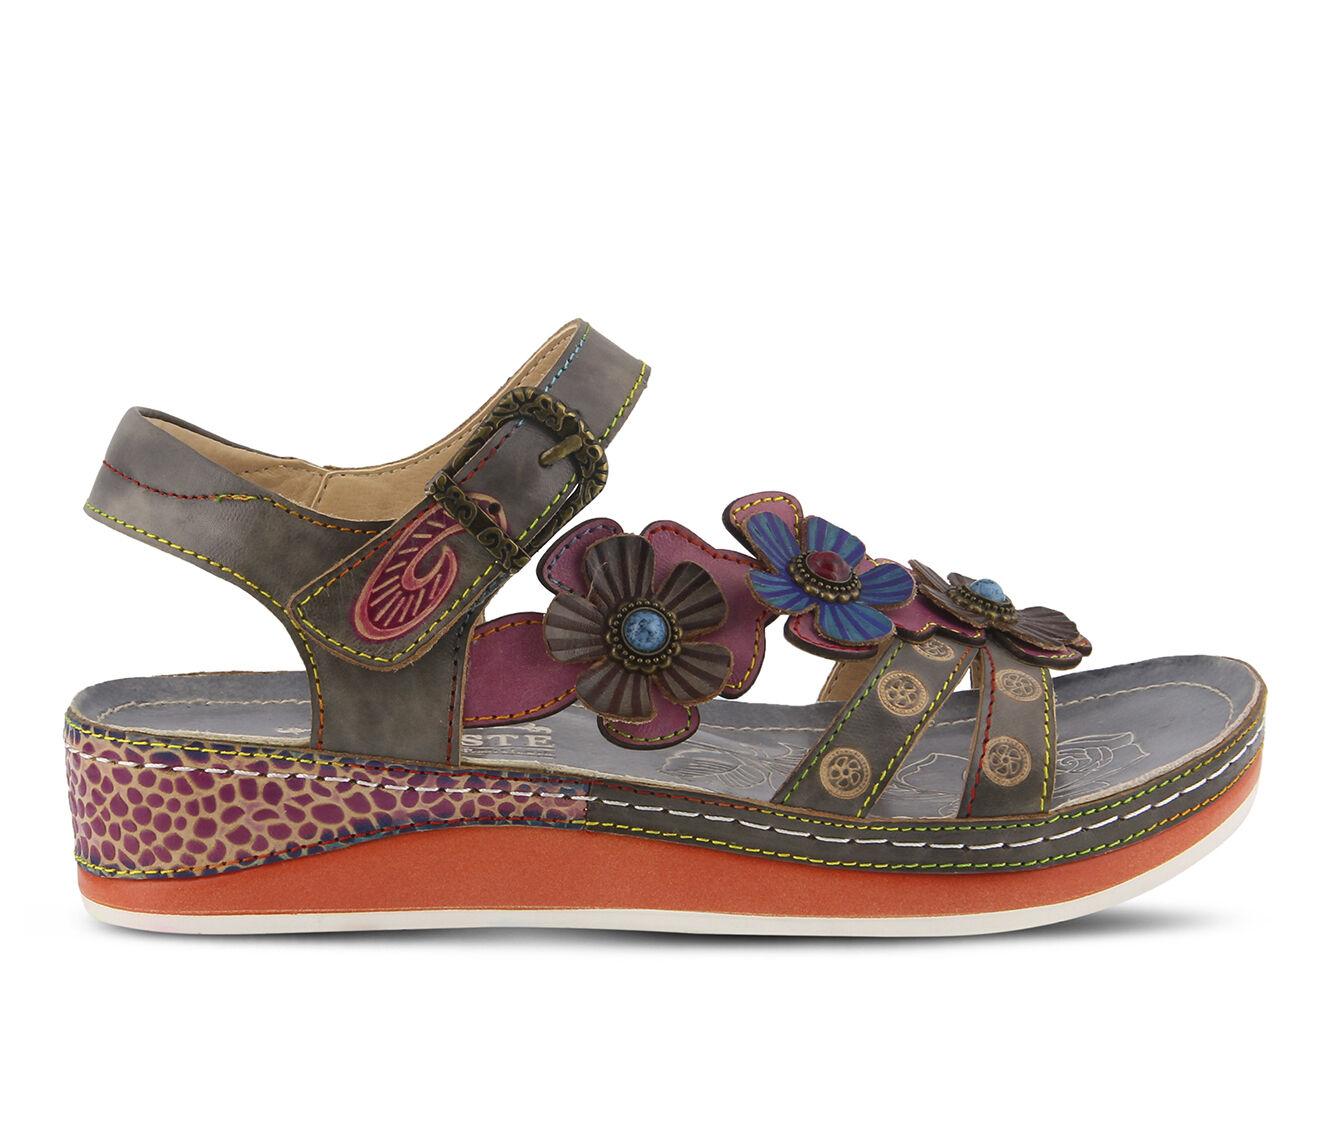 Women's L'ARTISTE Goodie Sandals Grey